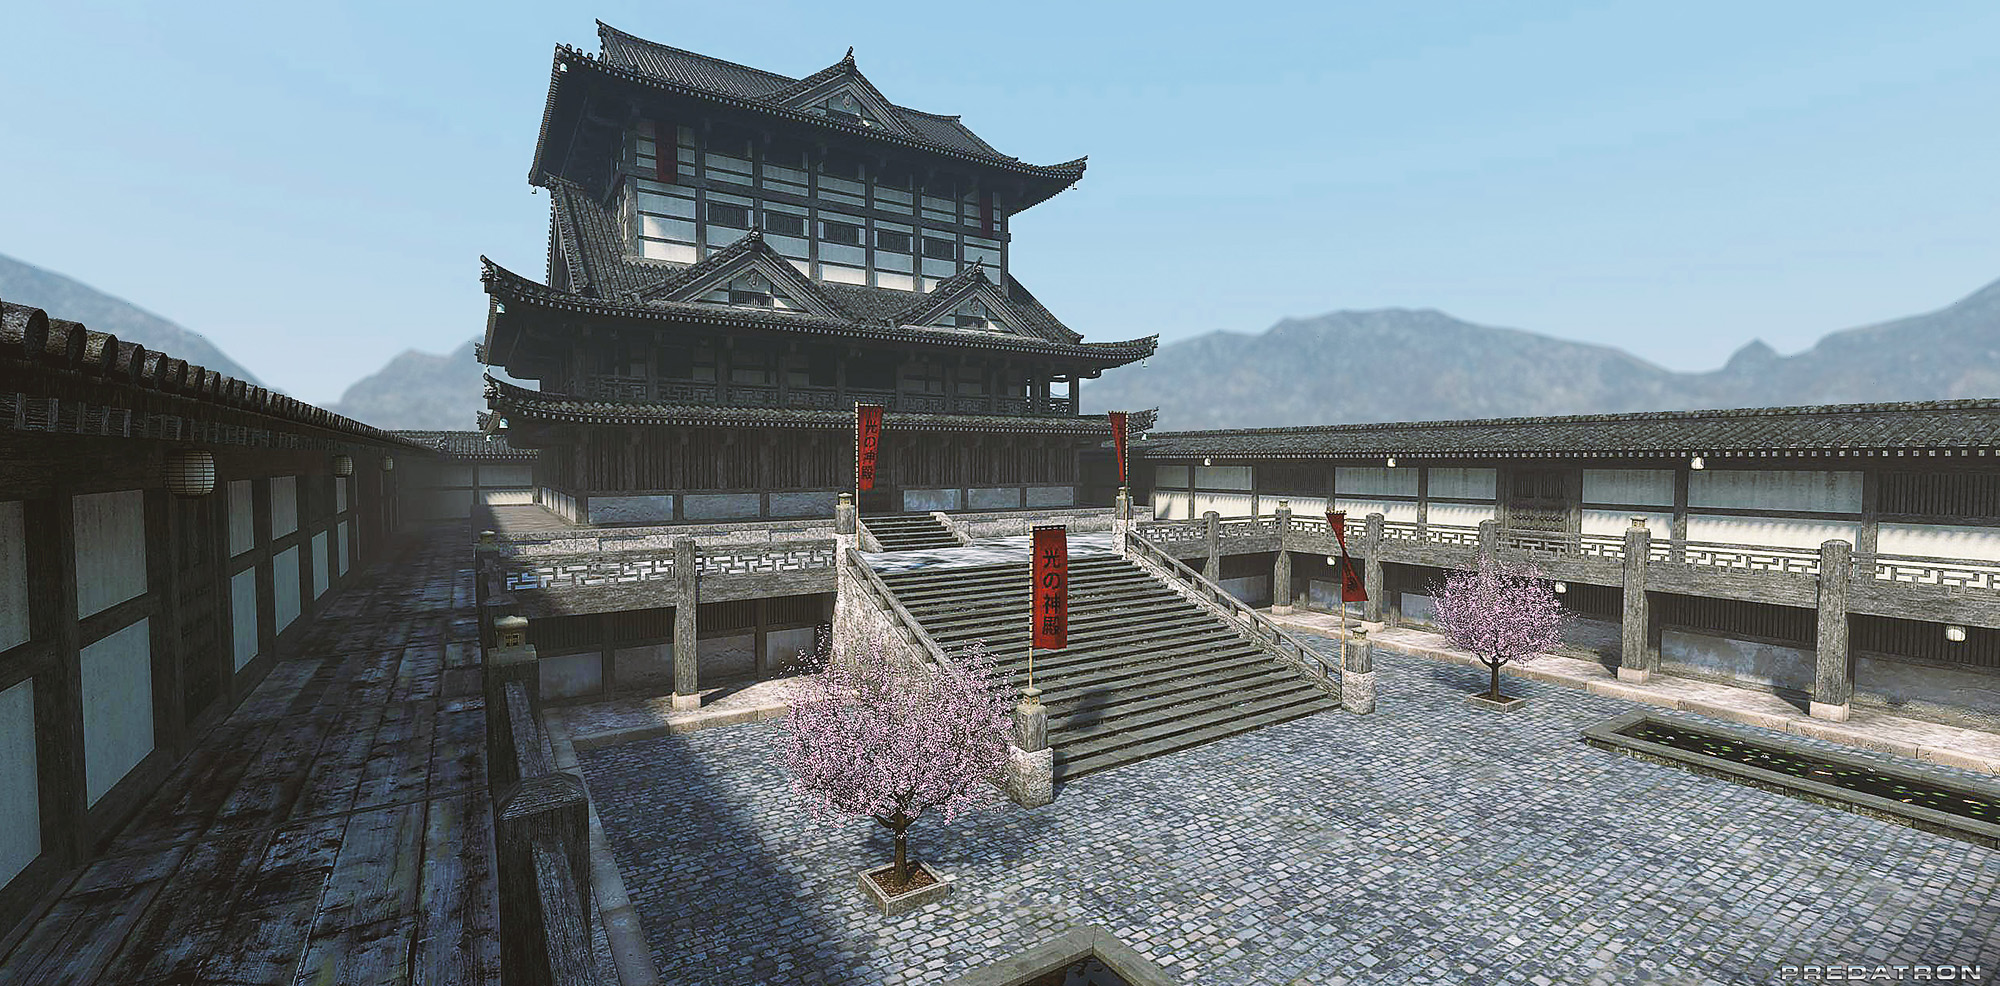 Japanese Temple - Predatron 3D Models